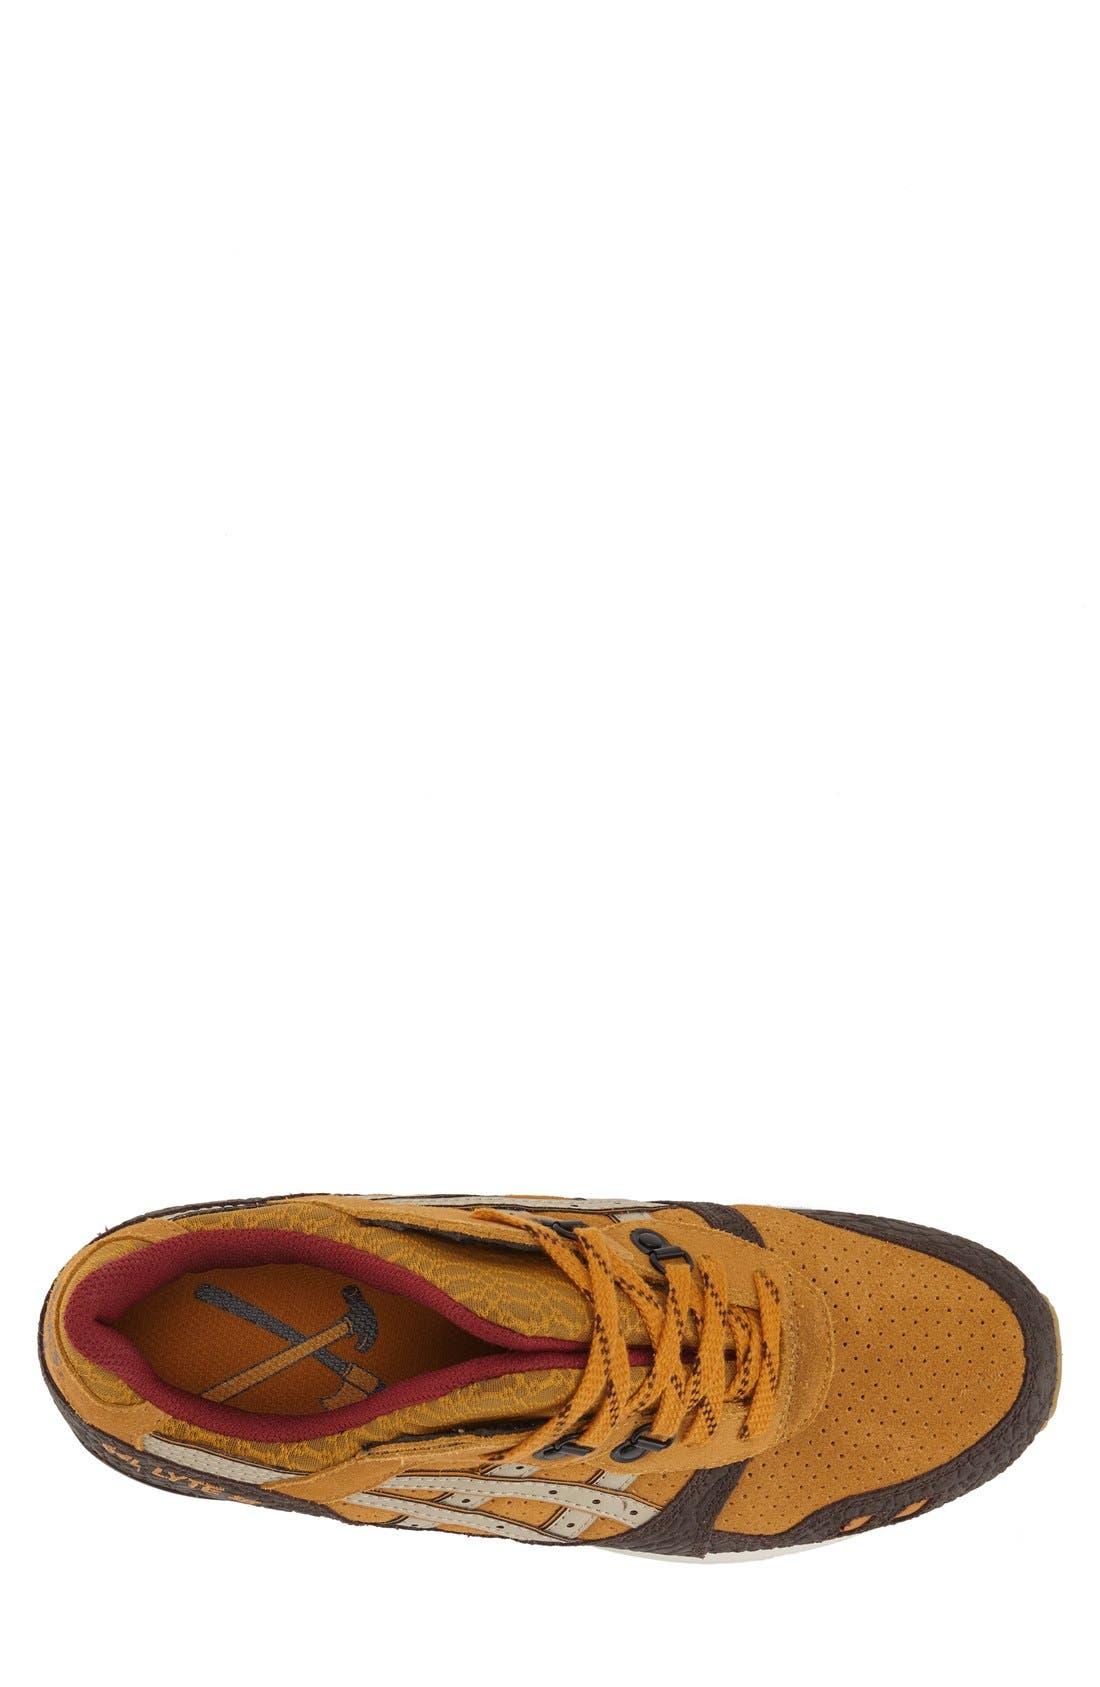 Alternate Image 4  - ASICS® 'GEL-Lyte III' Sneaker (Men)